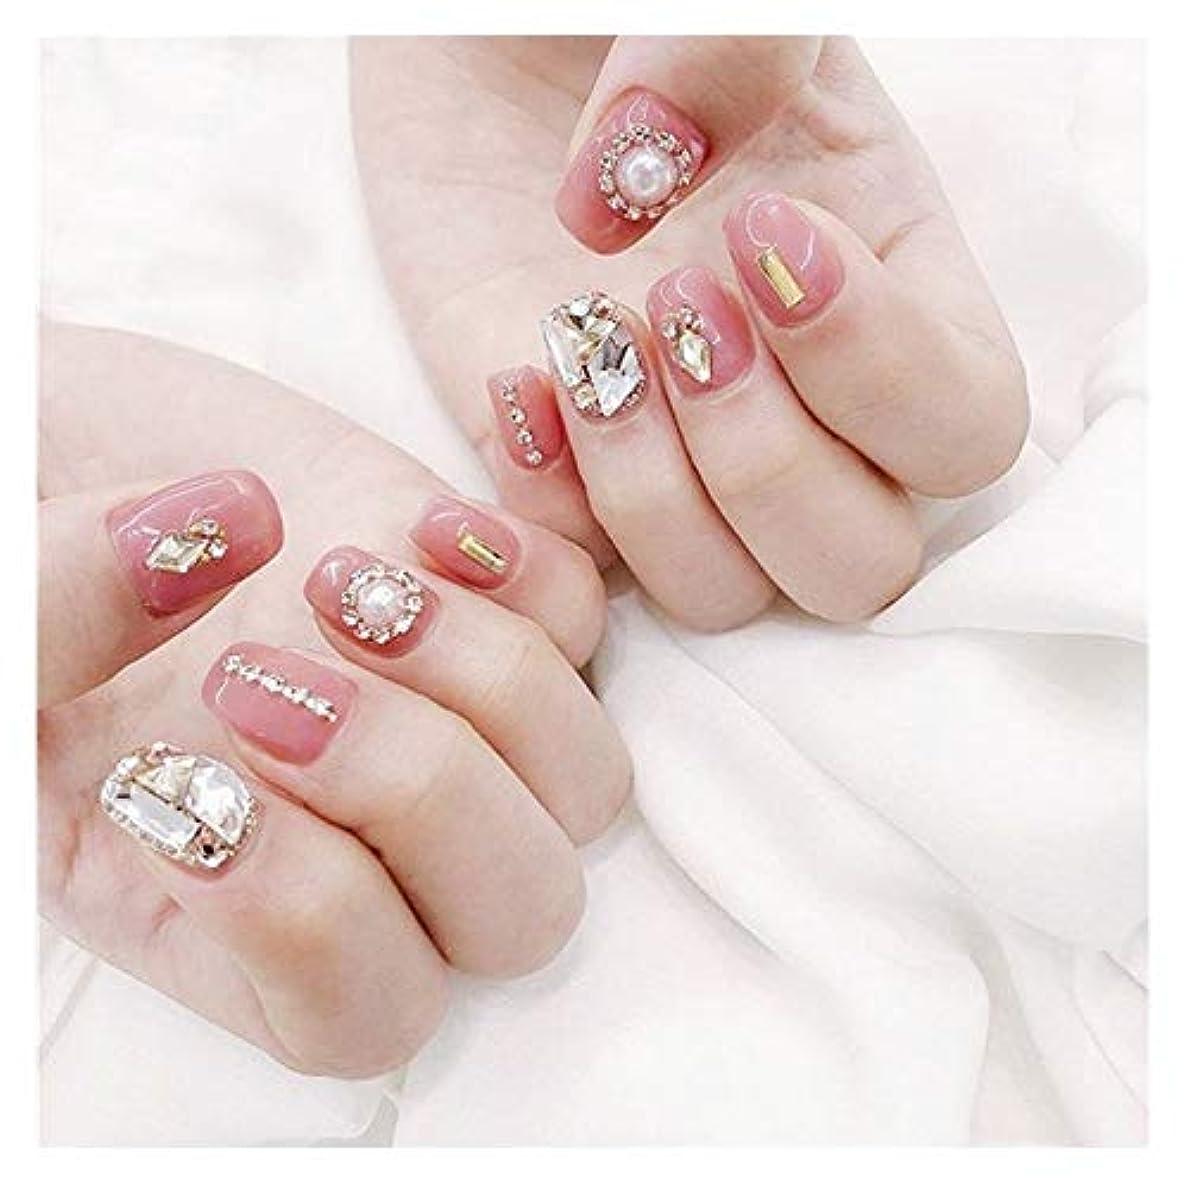 建物疲労役に立たないBOBIDYEE ダイヤモンドのり偽の爪ピンクのかわいい花嫁フォトスタジオ完成ネイル偽の釘 (色 : 24 pieces)